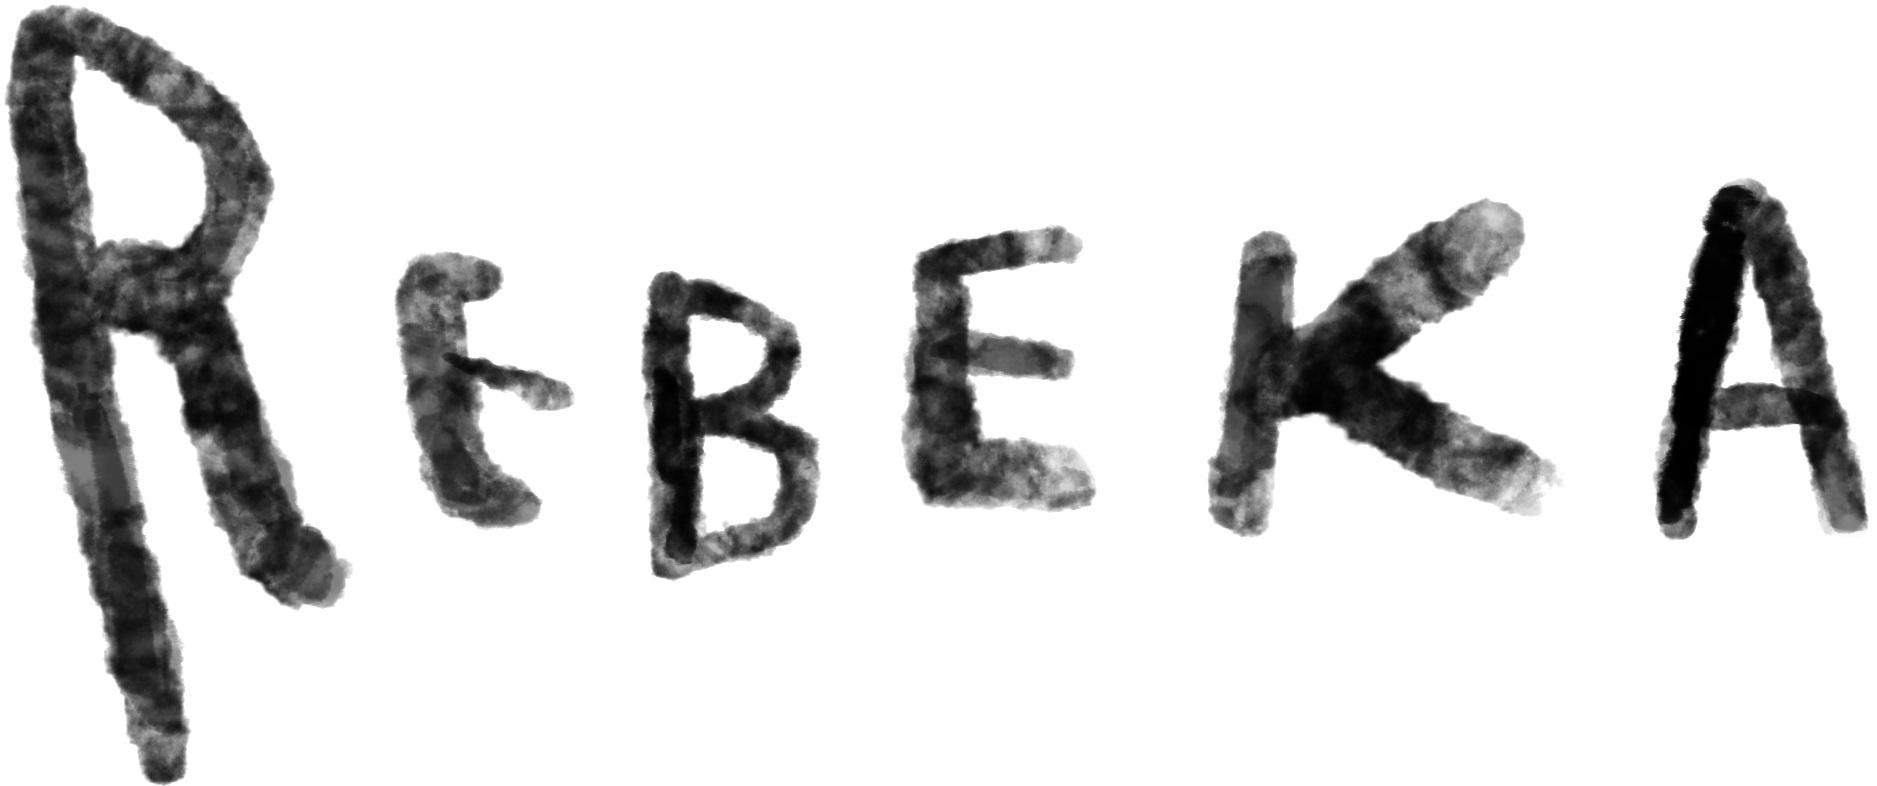 Rebeka+for+web.jpg